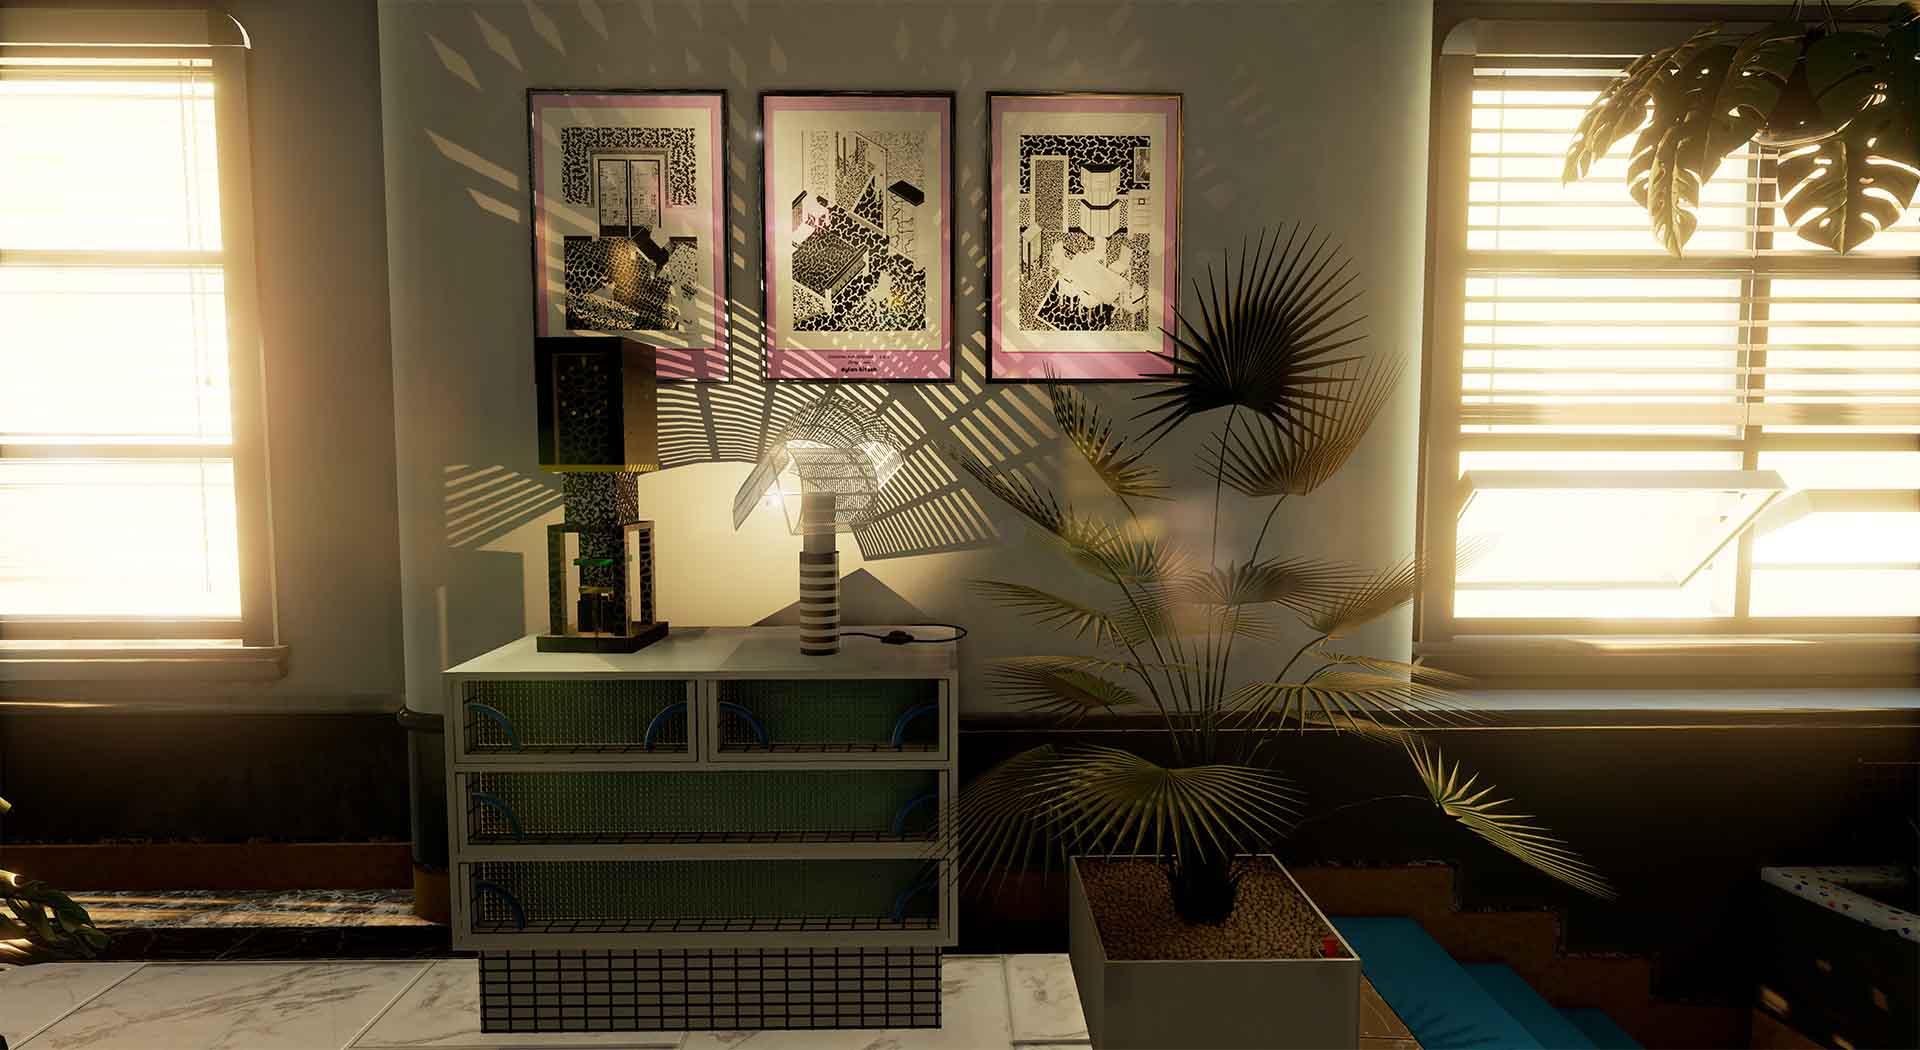 Quedará una década para los juegos fotorrealistas, según el CEO de Take Two 3